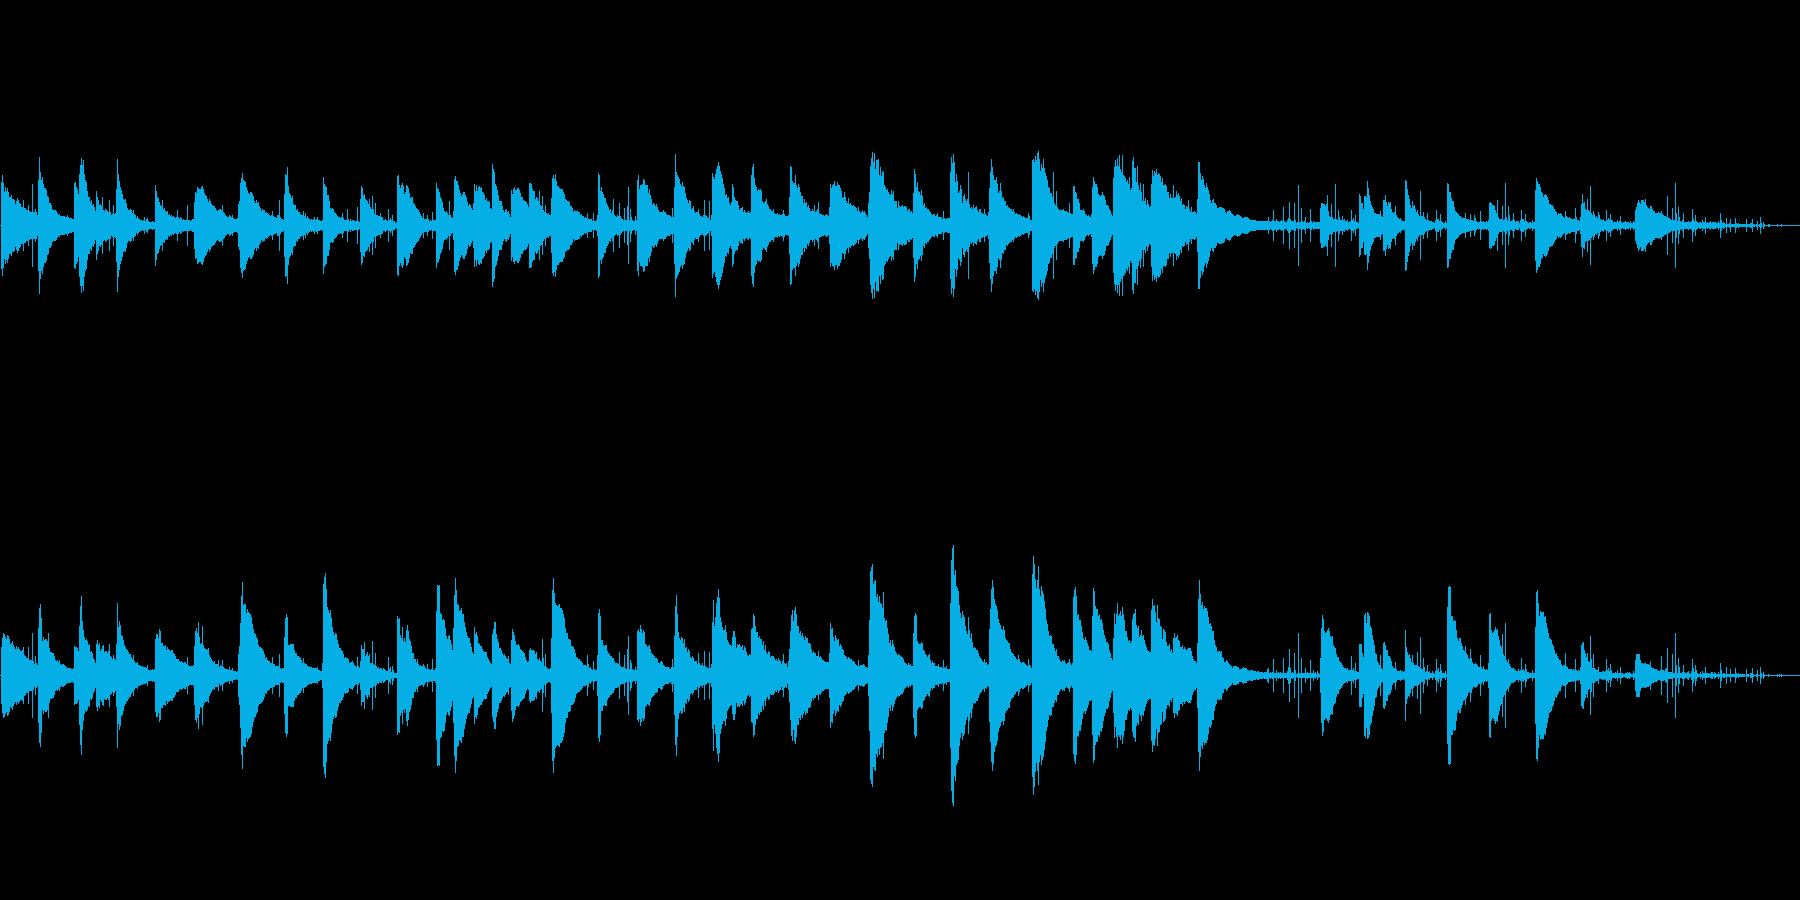 回想ピアノクラシックな歴史音源ノイズ調の再生済みの波形